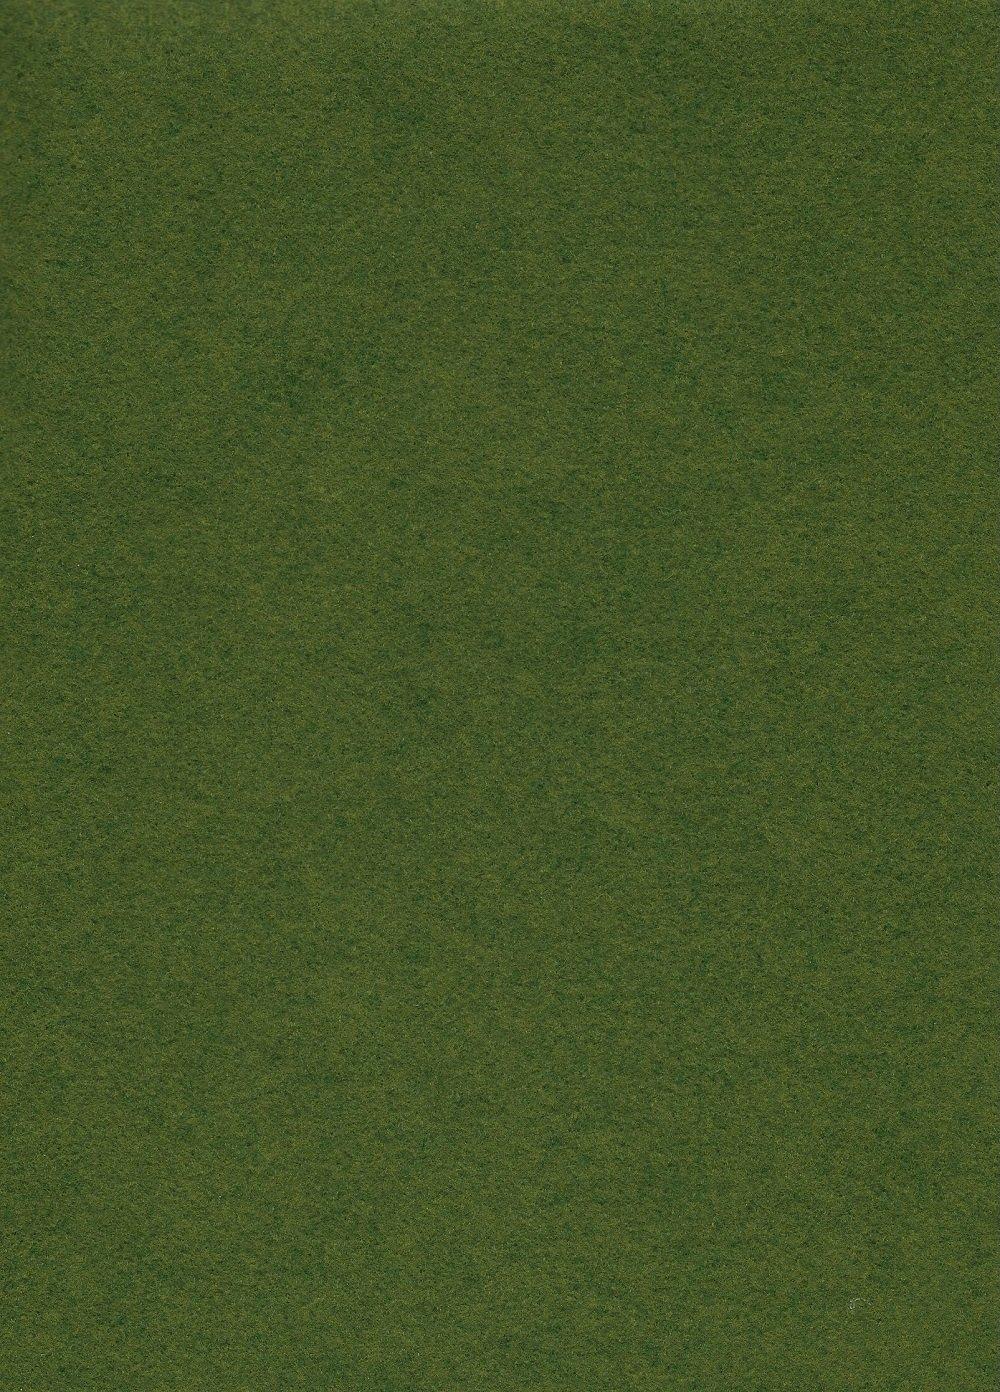 Grassy Meadows - 12 x 18 Square